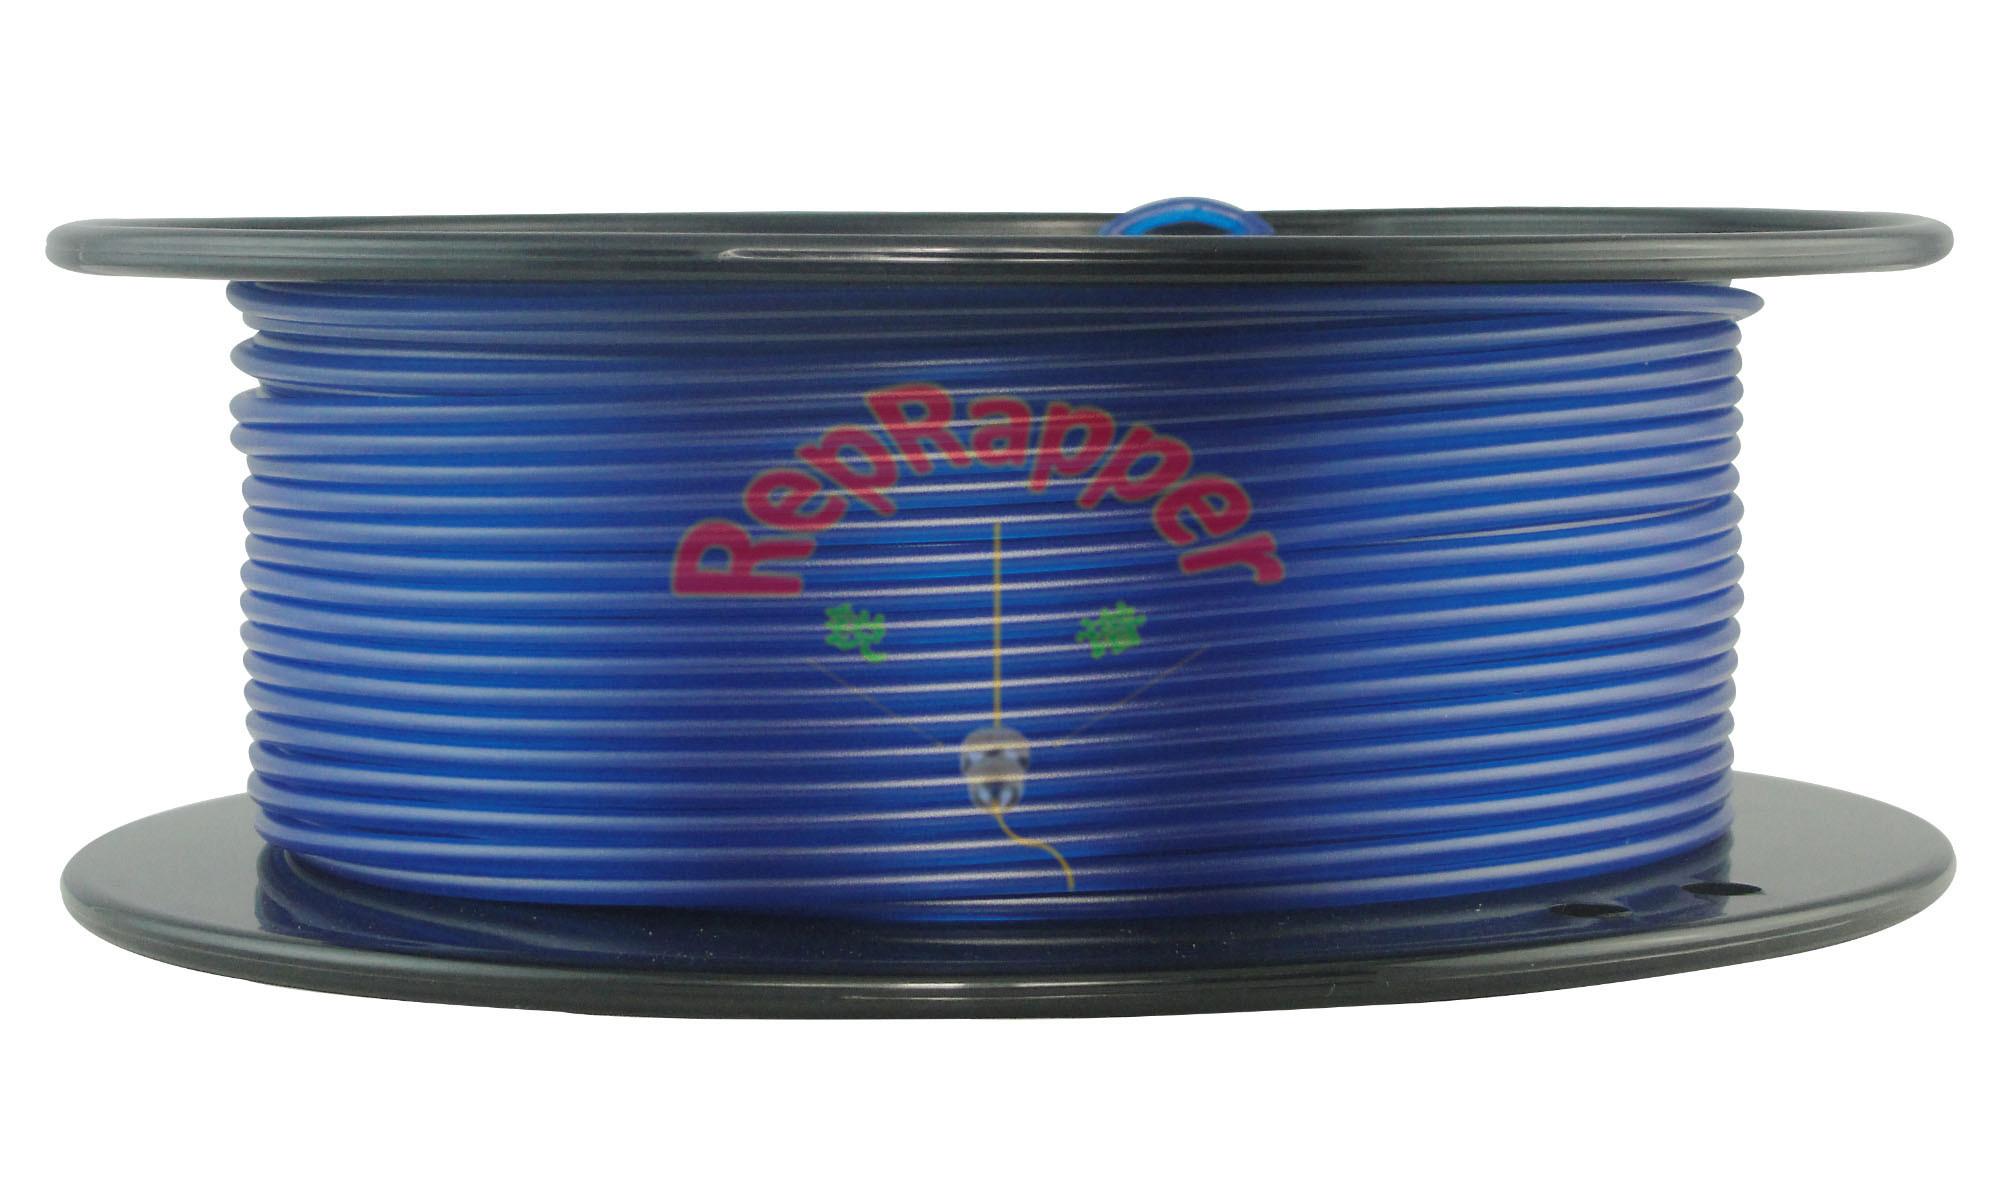 А также спиральный PC 3,0 мм 3D-печати синего цвета лампы накаливания